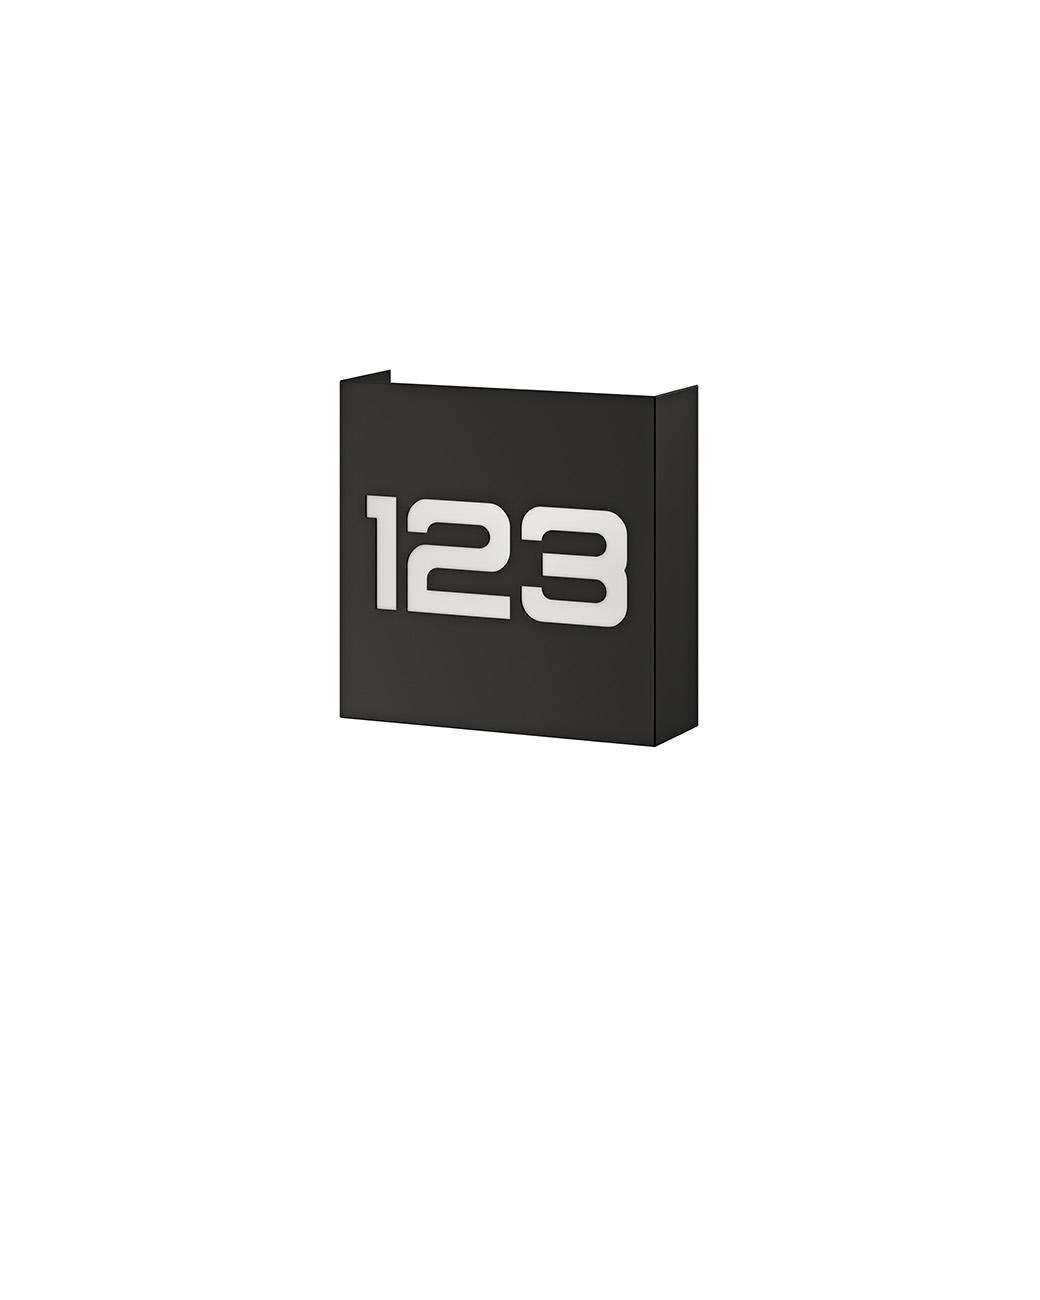 AP-1376 - Acra